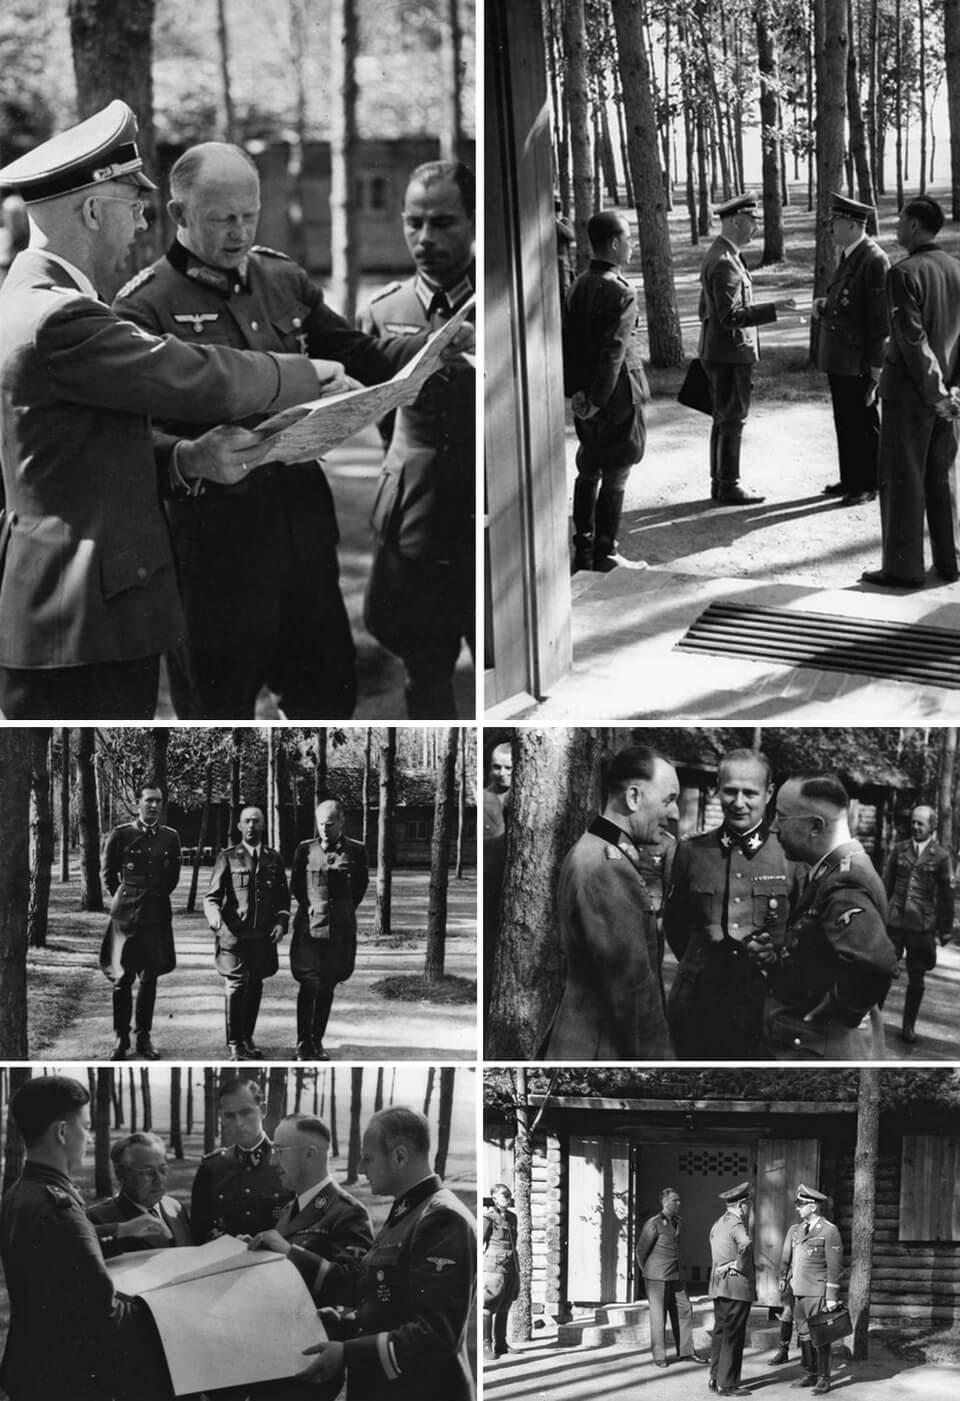 Heinrich Himmler at the Wehrwolf headquarters of Hitler in Ukraine